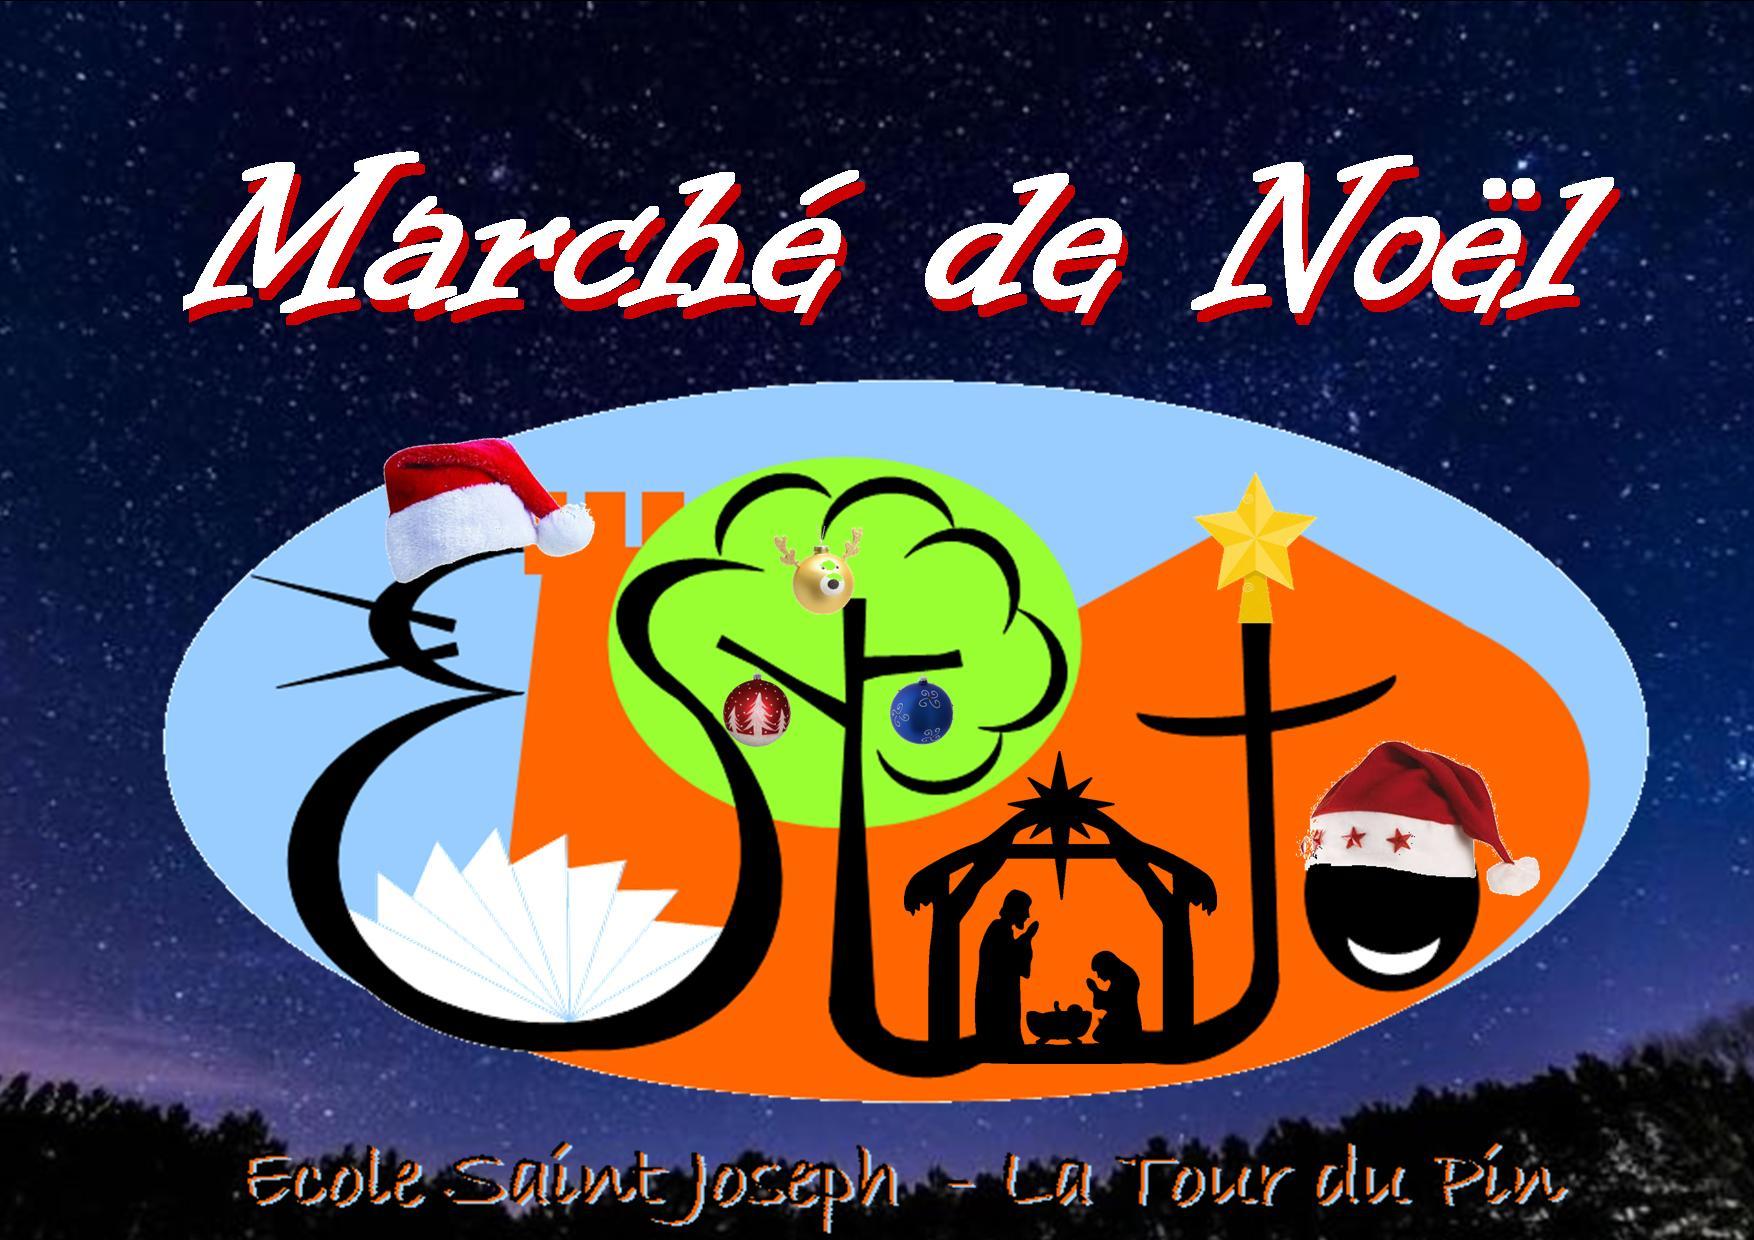 Marche noel 2019